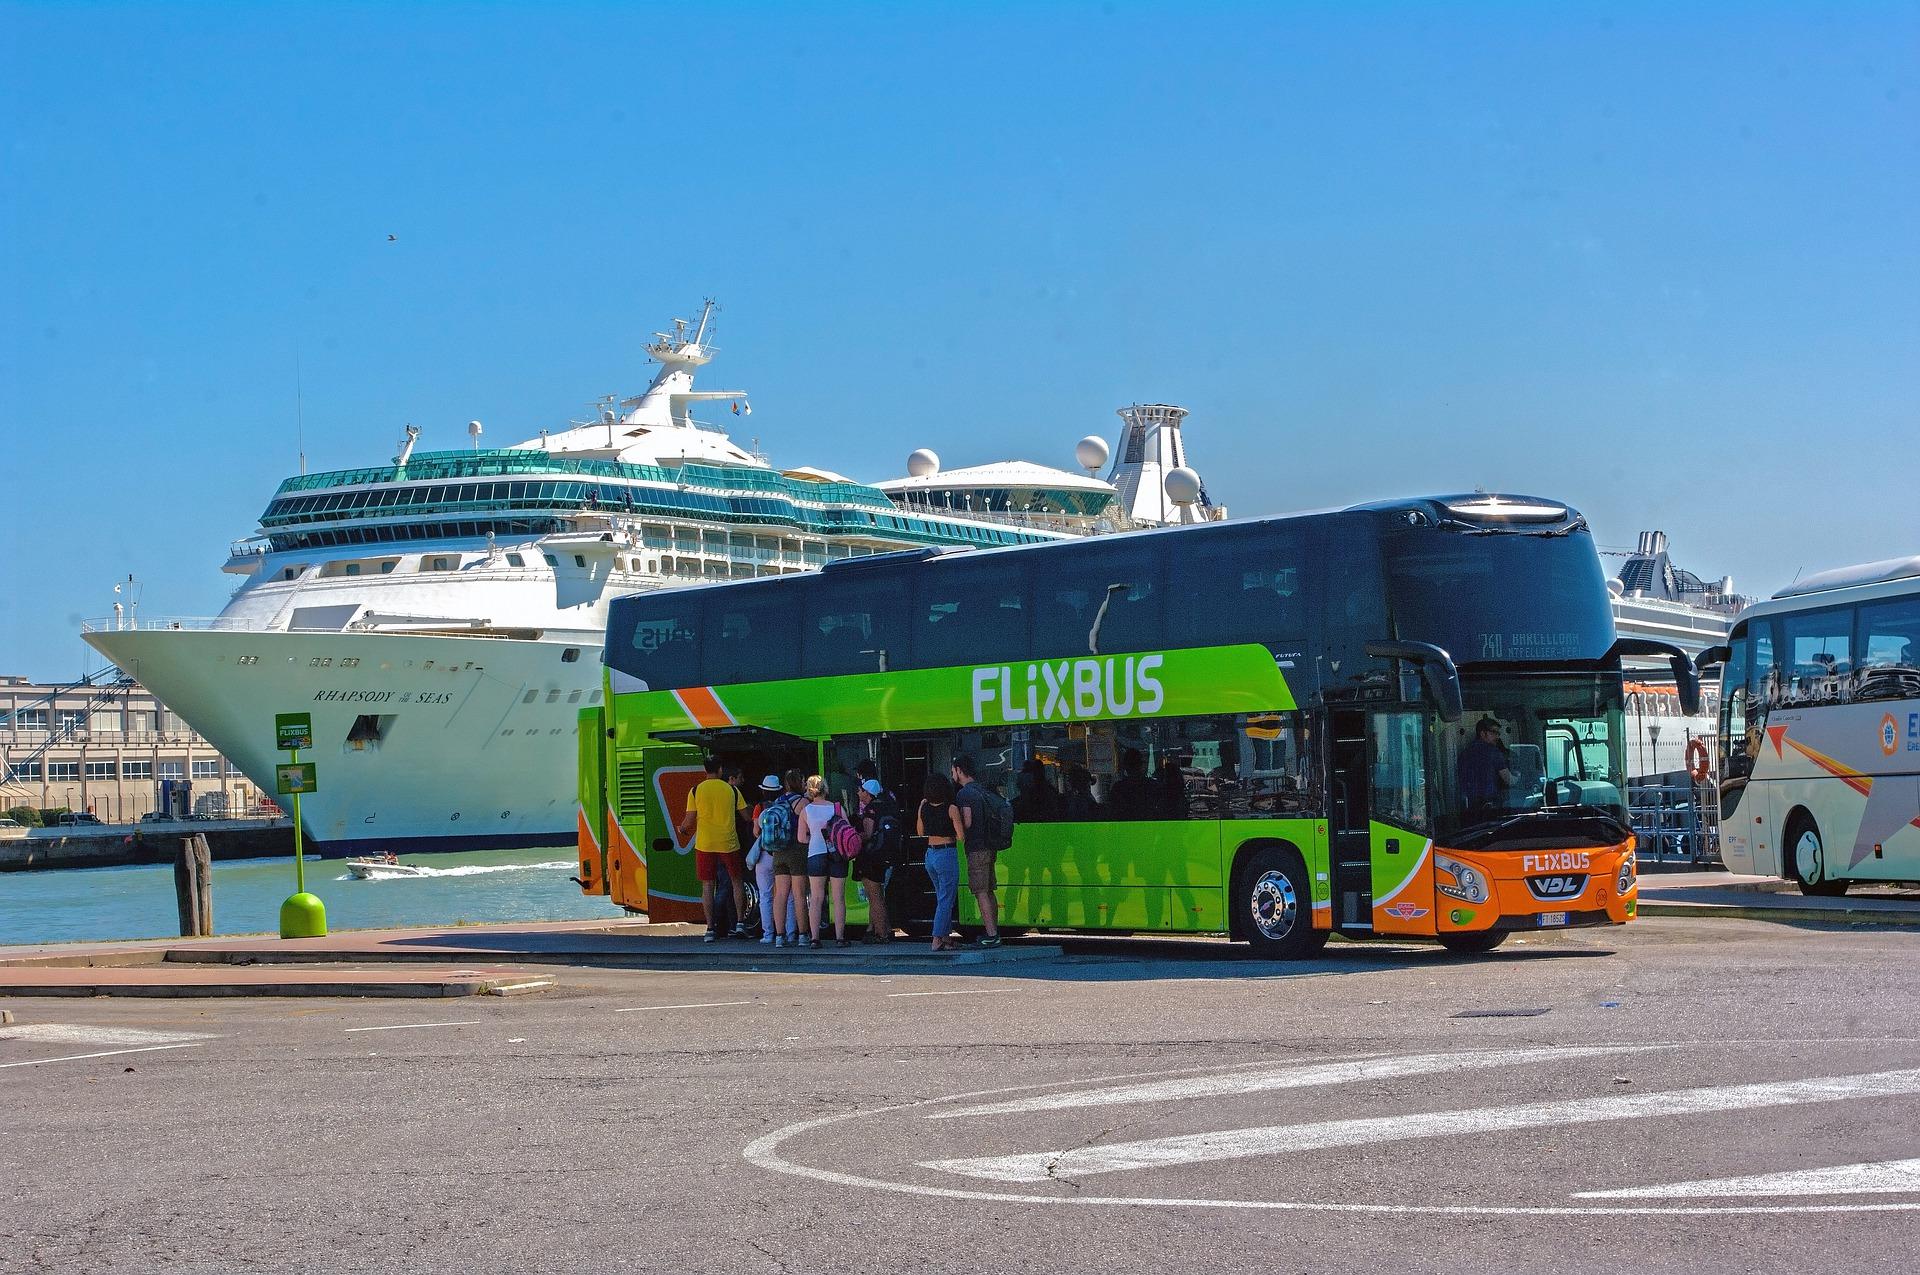 flix bus